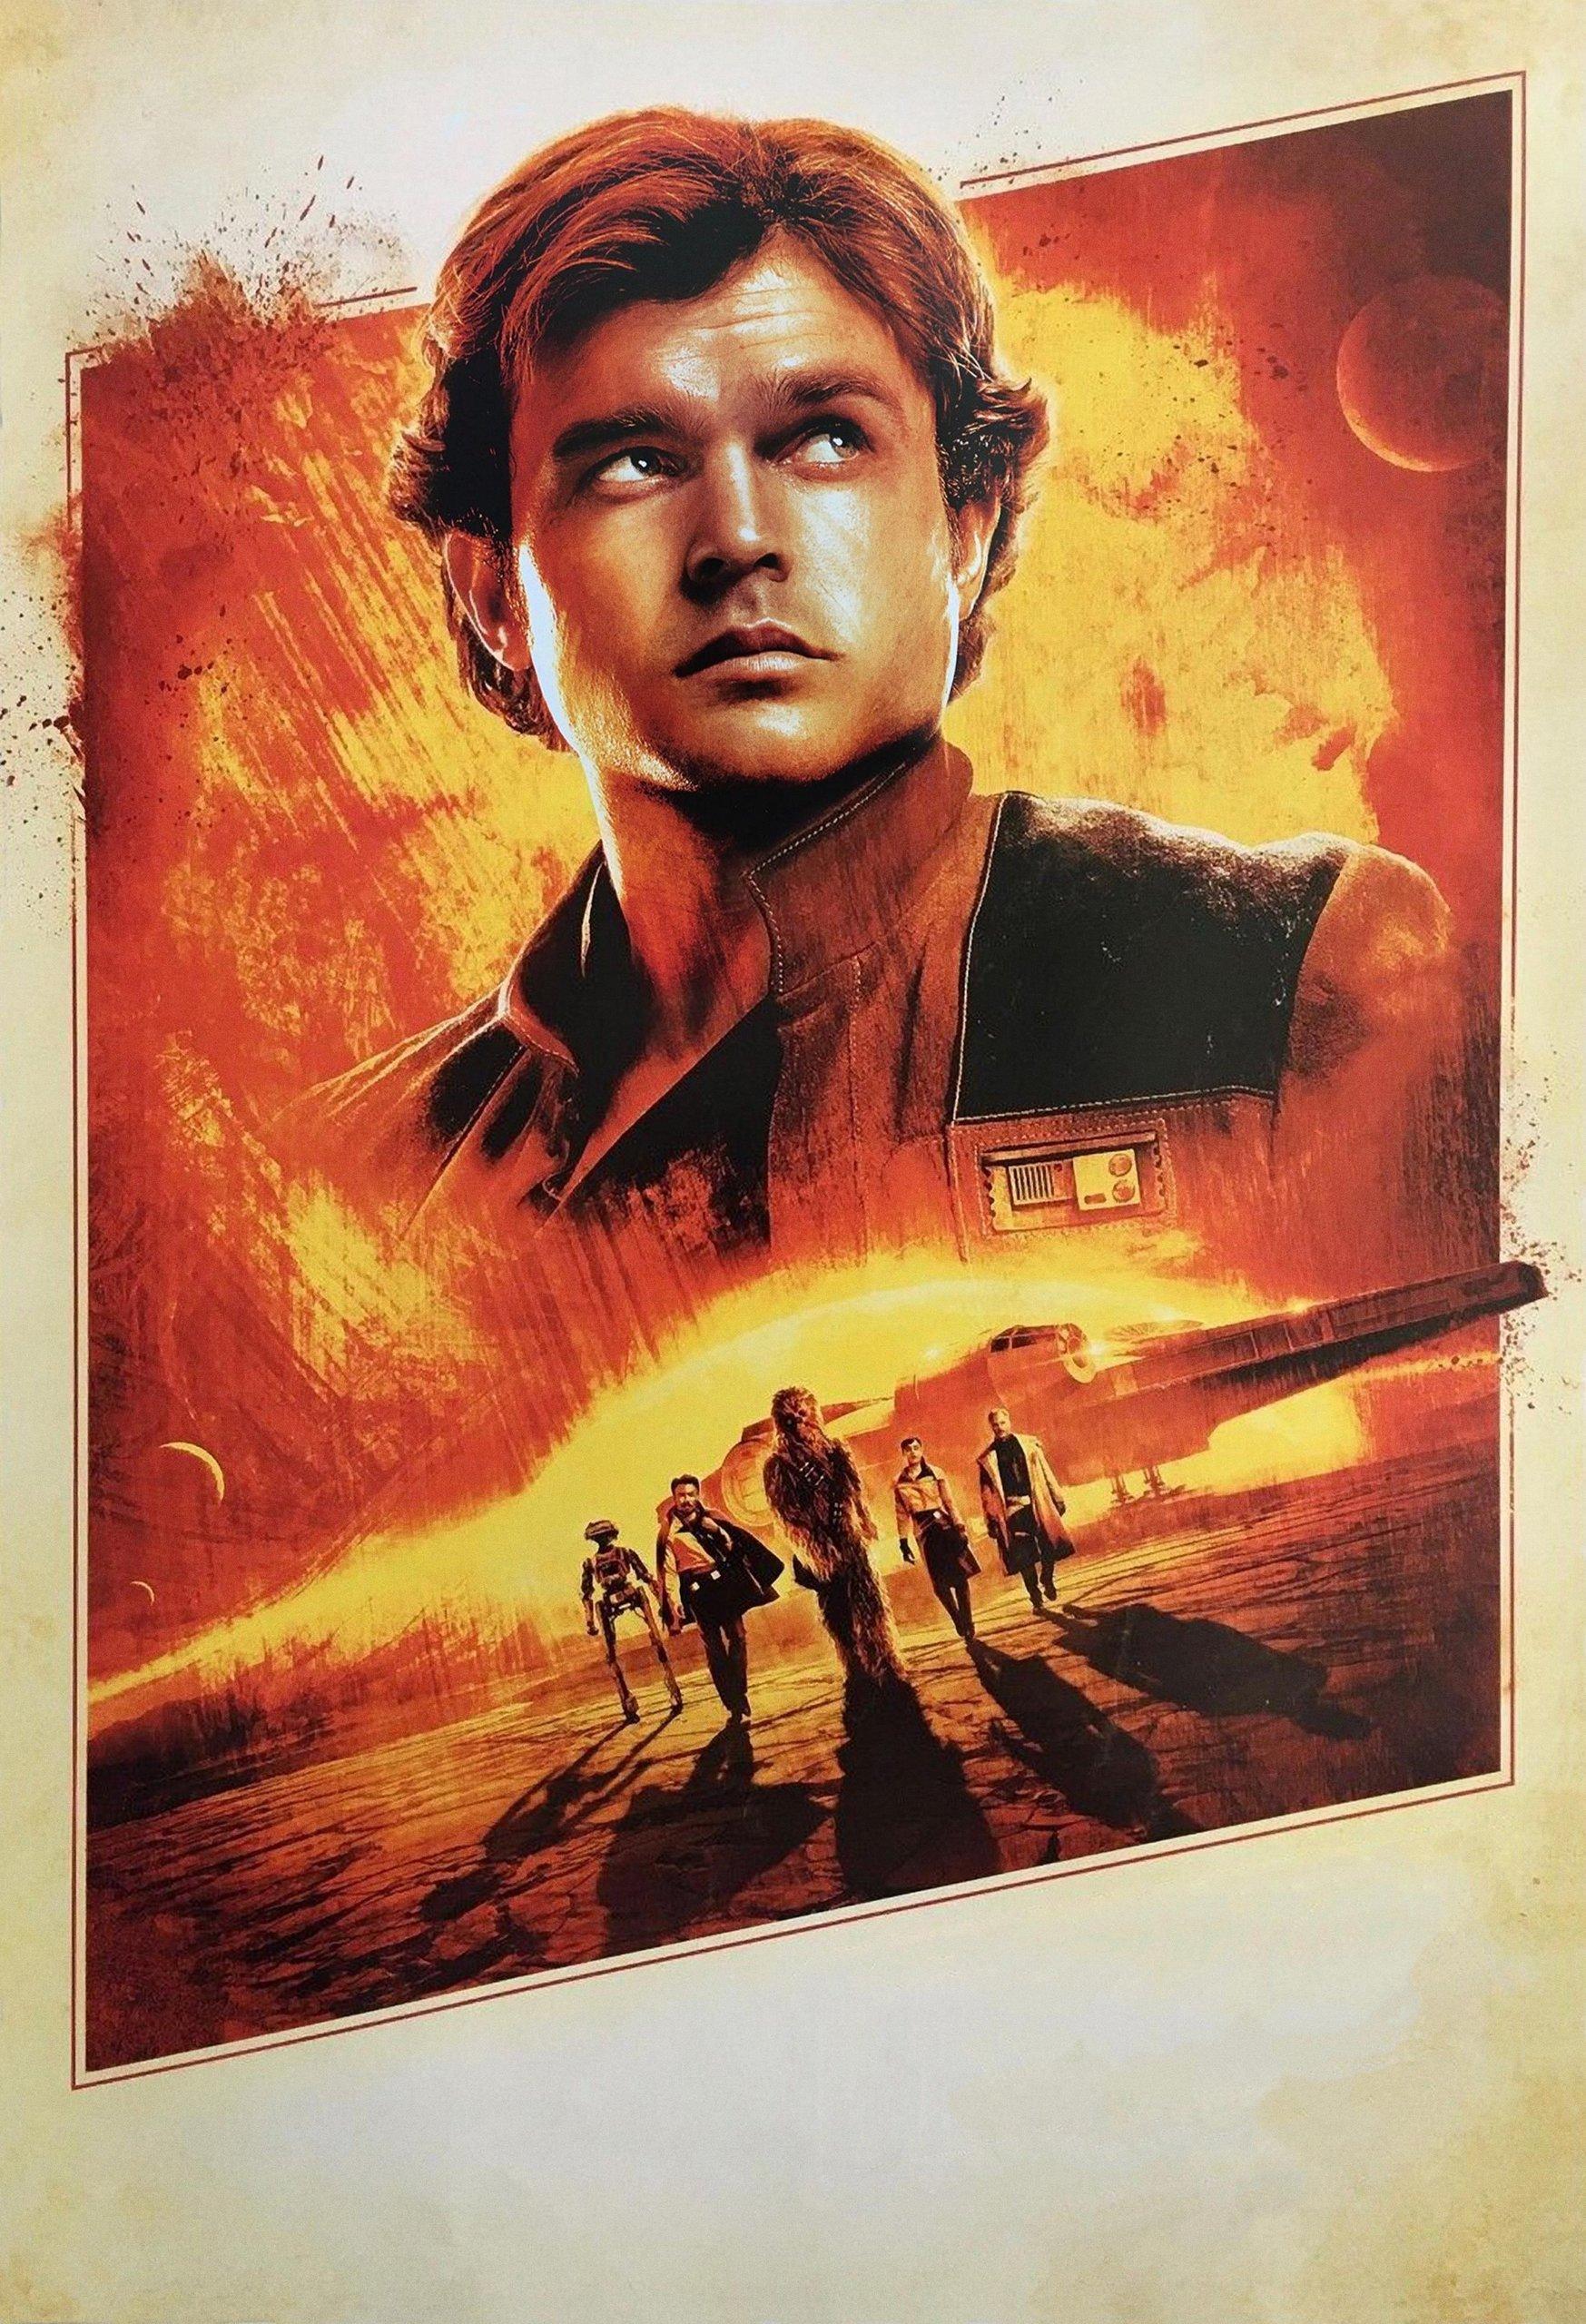 Хан Соло: Звёздные войны. Истории, кадр № 22